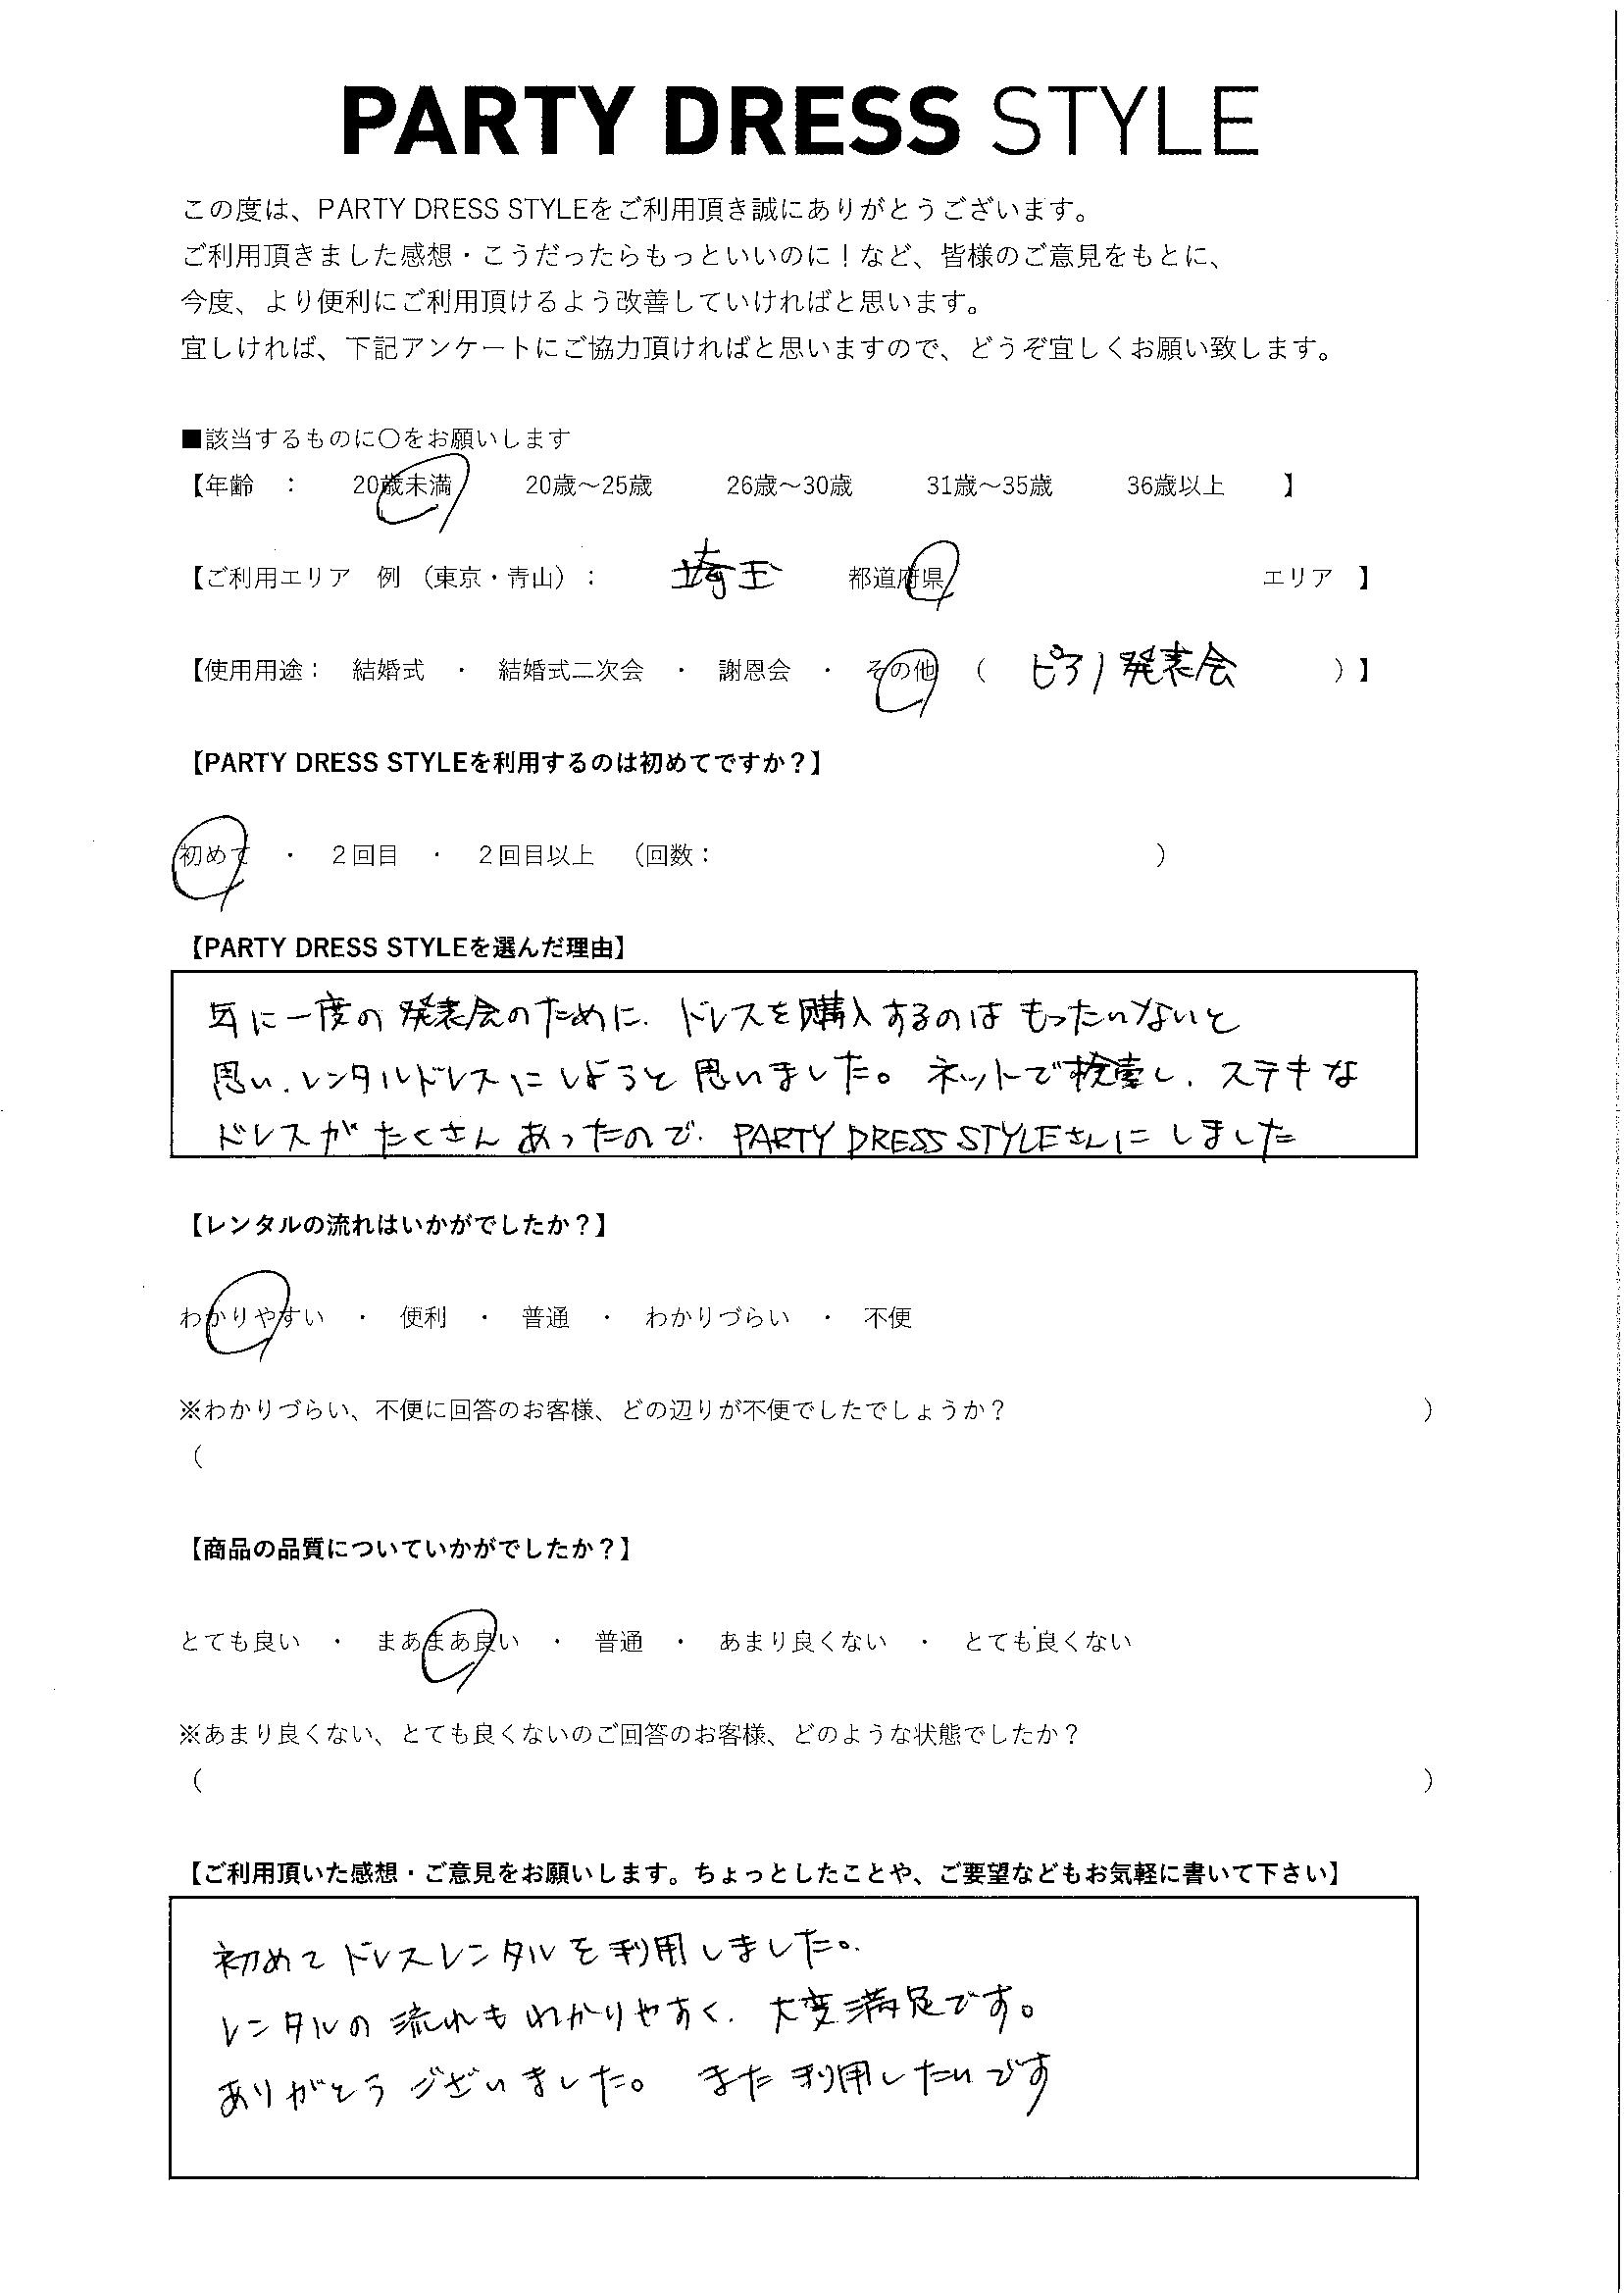 4/17ピアノ発表会ご利用 埼玉エリア